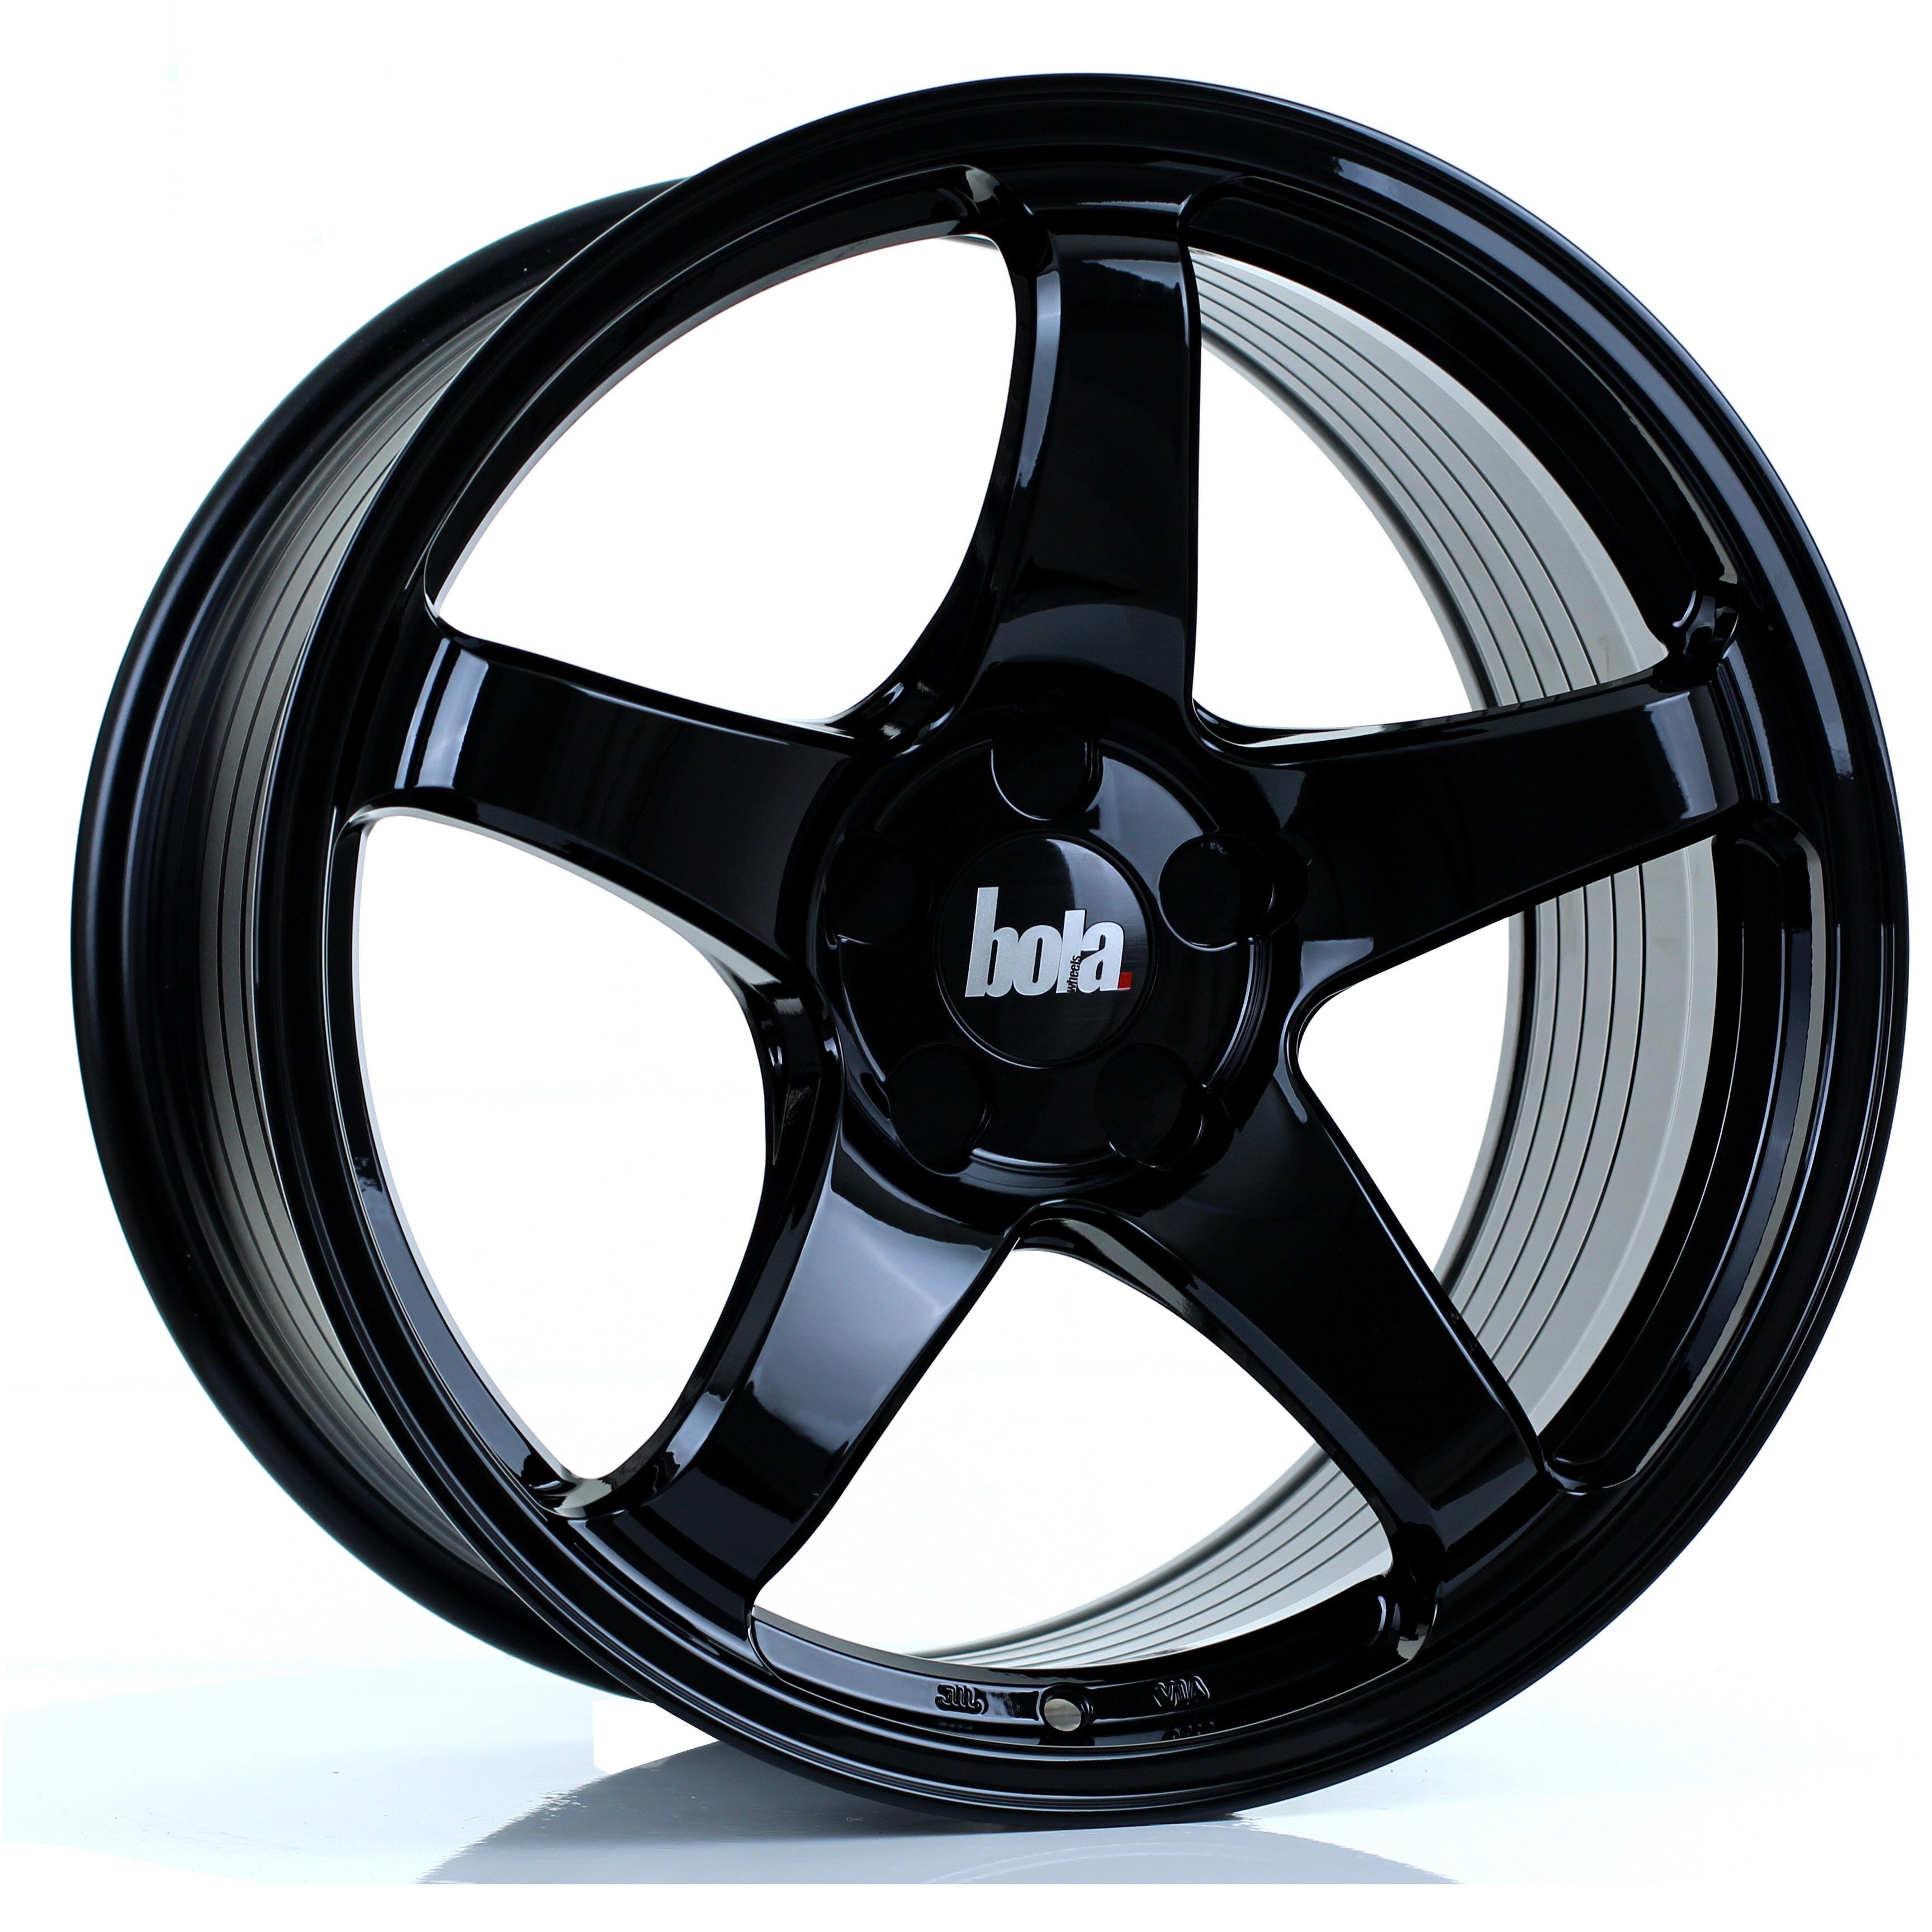 BOLA B2R hliníkové disky 9,5x18 5x114,3 ET30 DO 45 GLOSS BLACK